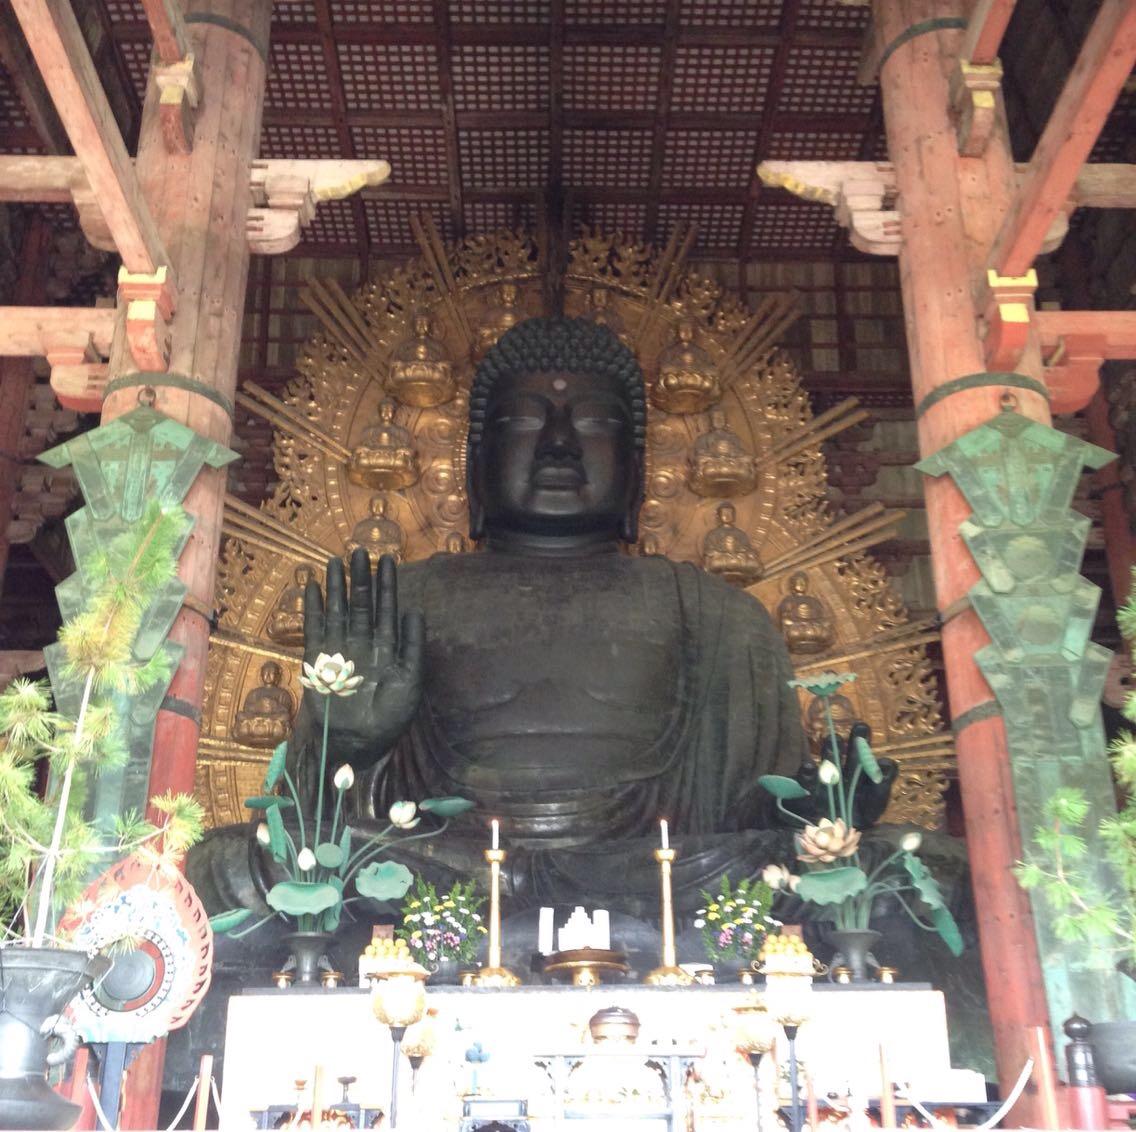 奈良といえば、鹿と大仏!観光の定番ですが子供達も大喜びでオススメ